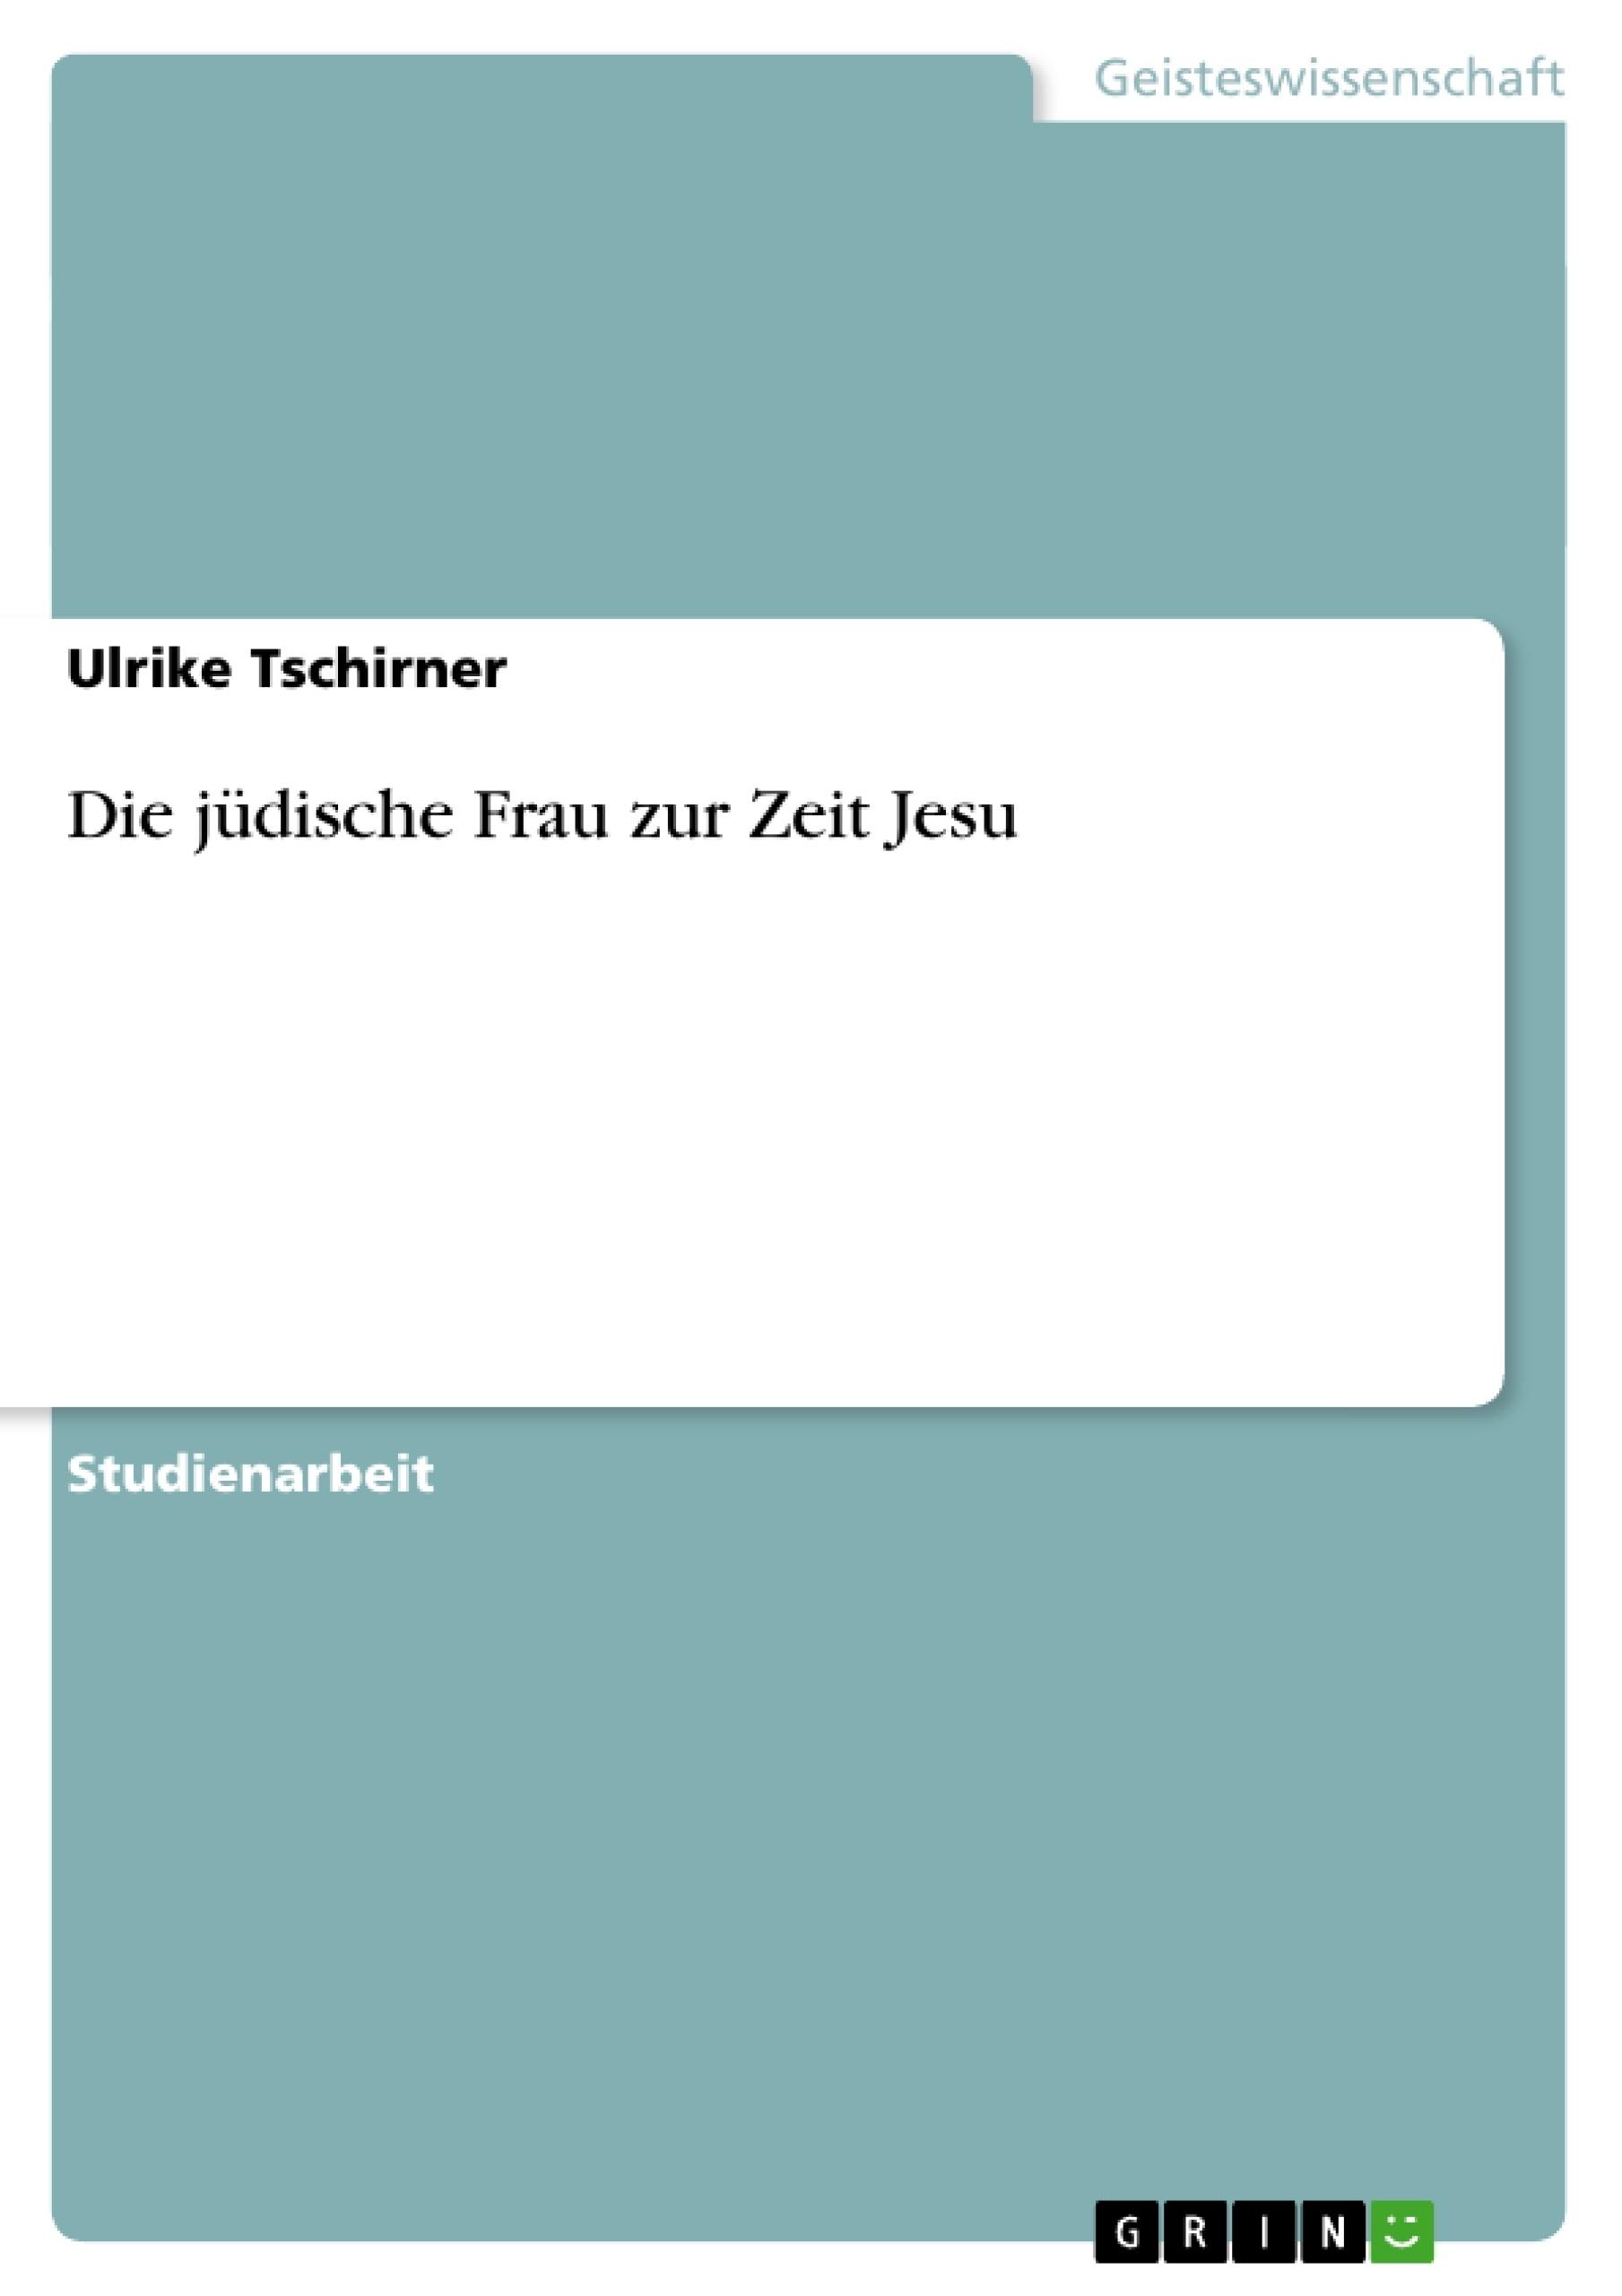 Titel: Die jüdische Frau zur Zeit Jesu